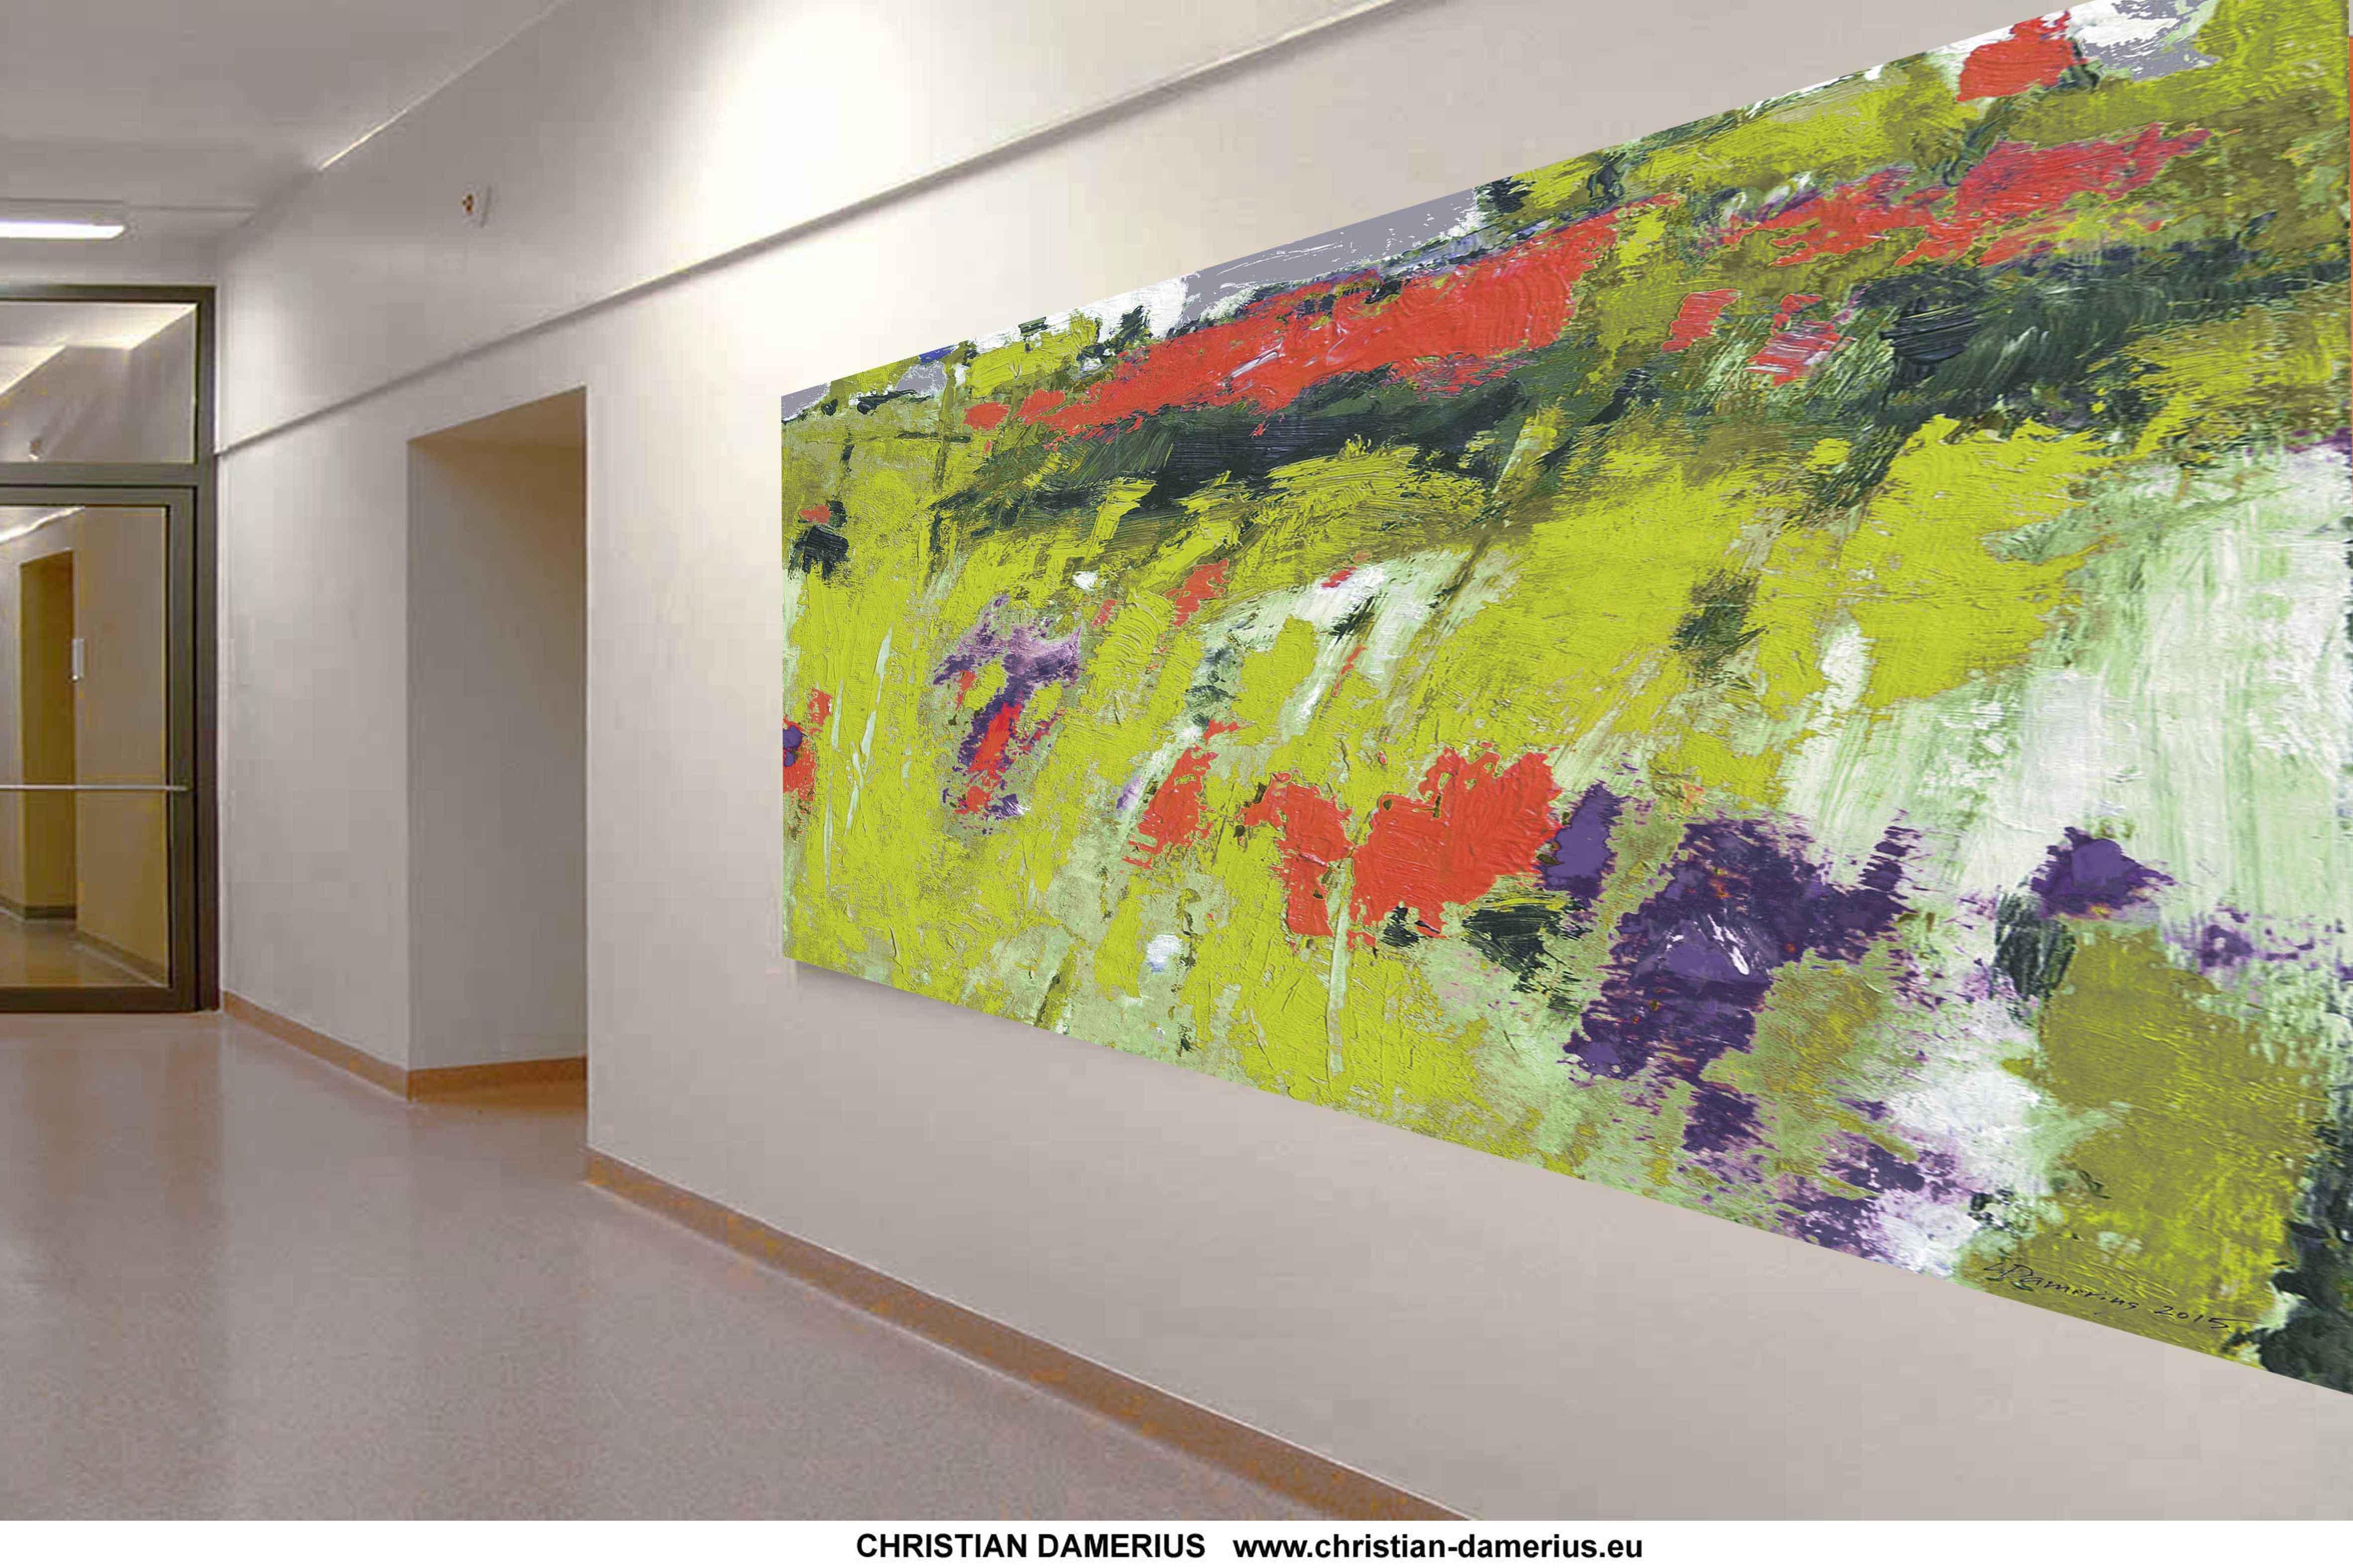 farbige landschaft kunstdruck,andgestaltung bilder,gemälde kunstdrucke,christian damerius,wandgestaltung,kunstdrucke,gemälde,